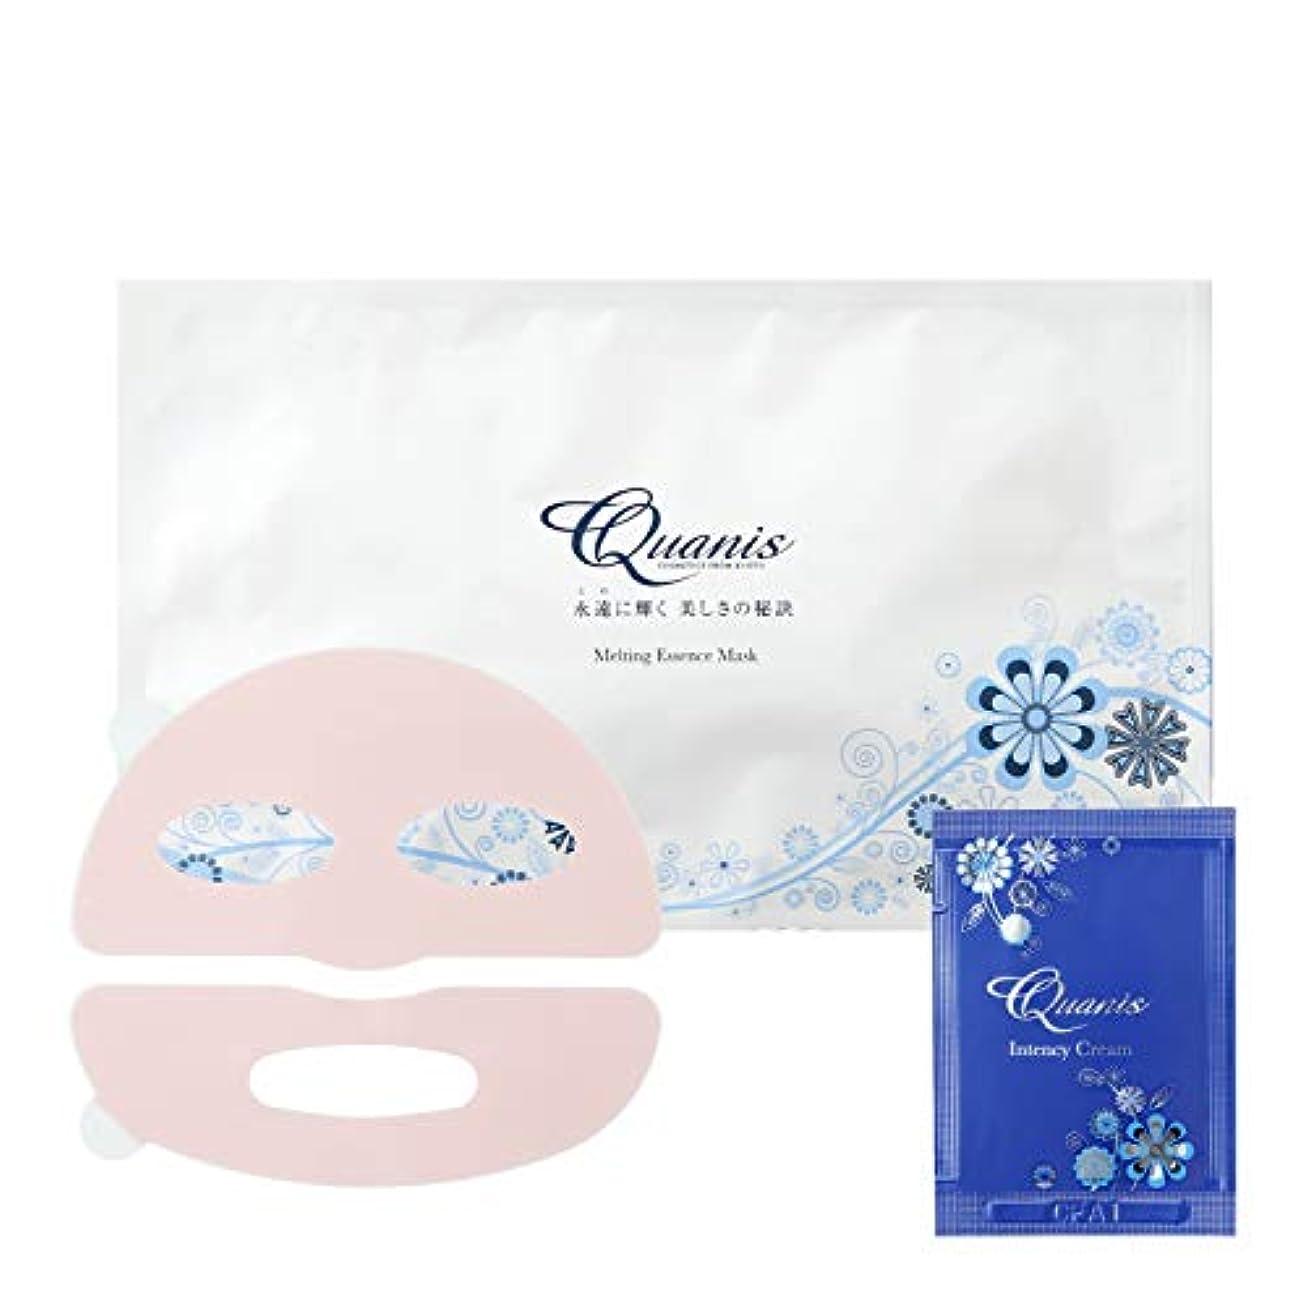 許可するライター眩惑するQuanis (クオニス) メルティングエッセンスマスク [温感フェイスマスク パック] ヒアルロン酸配合/100%美容液 とろけるマスク (パックシート×1枚+アイクリームセット)